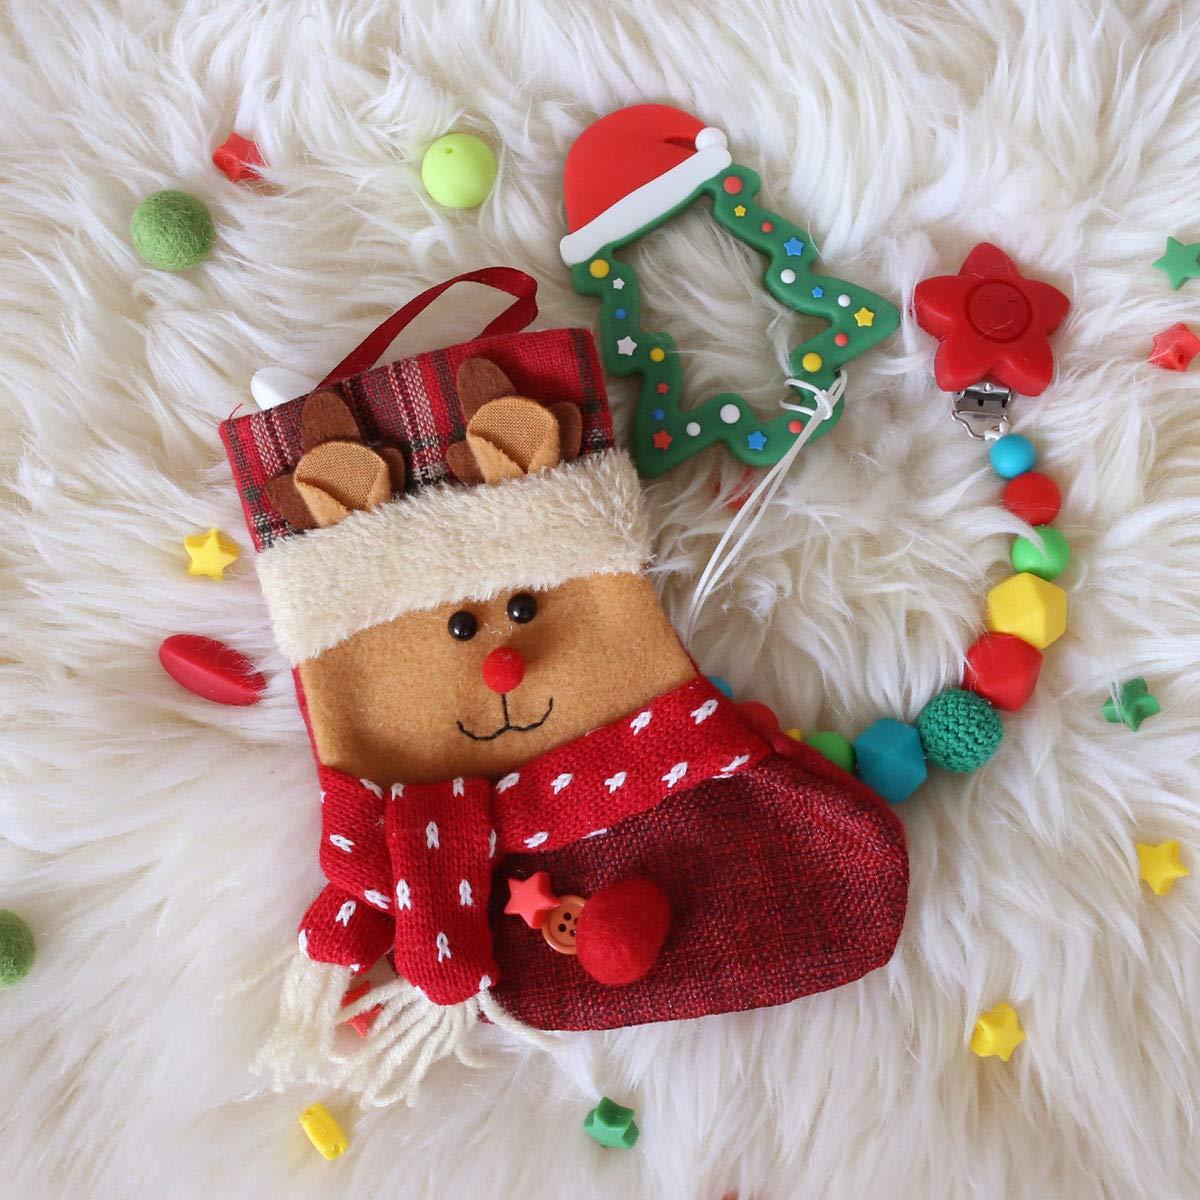 Feliz Navidad Regalos de Santa Mamimami Home Bebé Mordedor de Silicona Árbol de Navidad Clips de Descarga Juguetes de Dentición DIY con Calcetín Rojo: ...